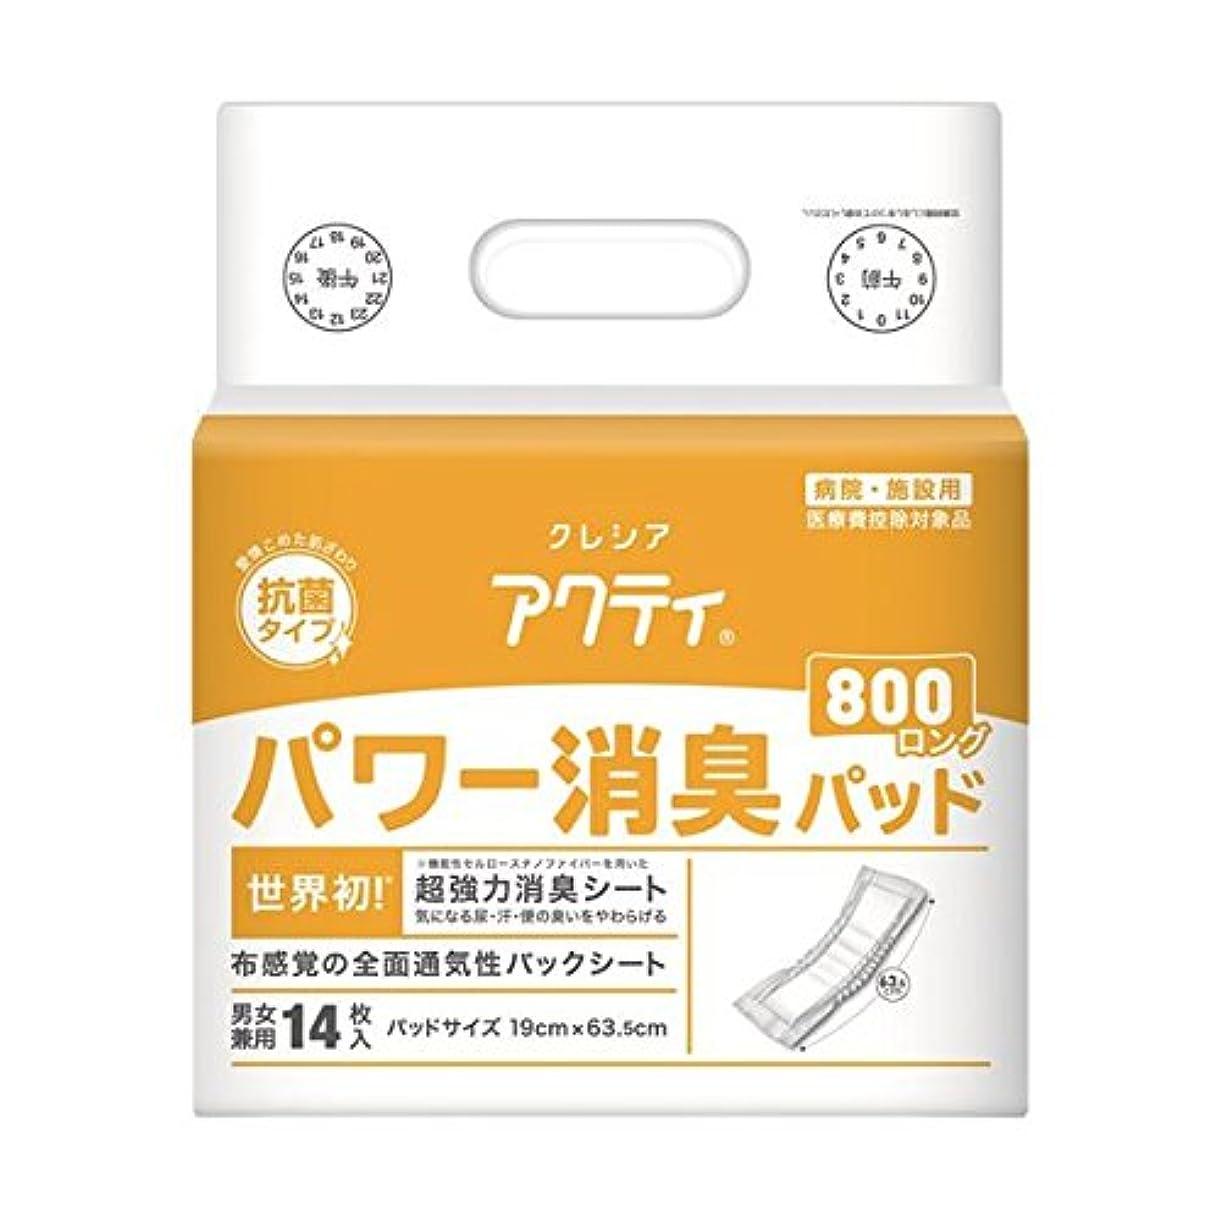 殺します慢性的マラドロイト(業務用10セット) 日本製紙クレシア アクティ パワー消臭パッド800ロング 14枚 ダイエット 健康 衛生用品 おむつ パンツ 14067381 [並行輸入品]